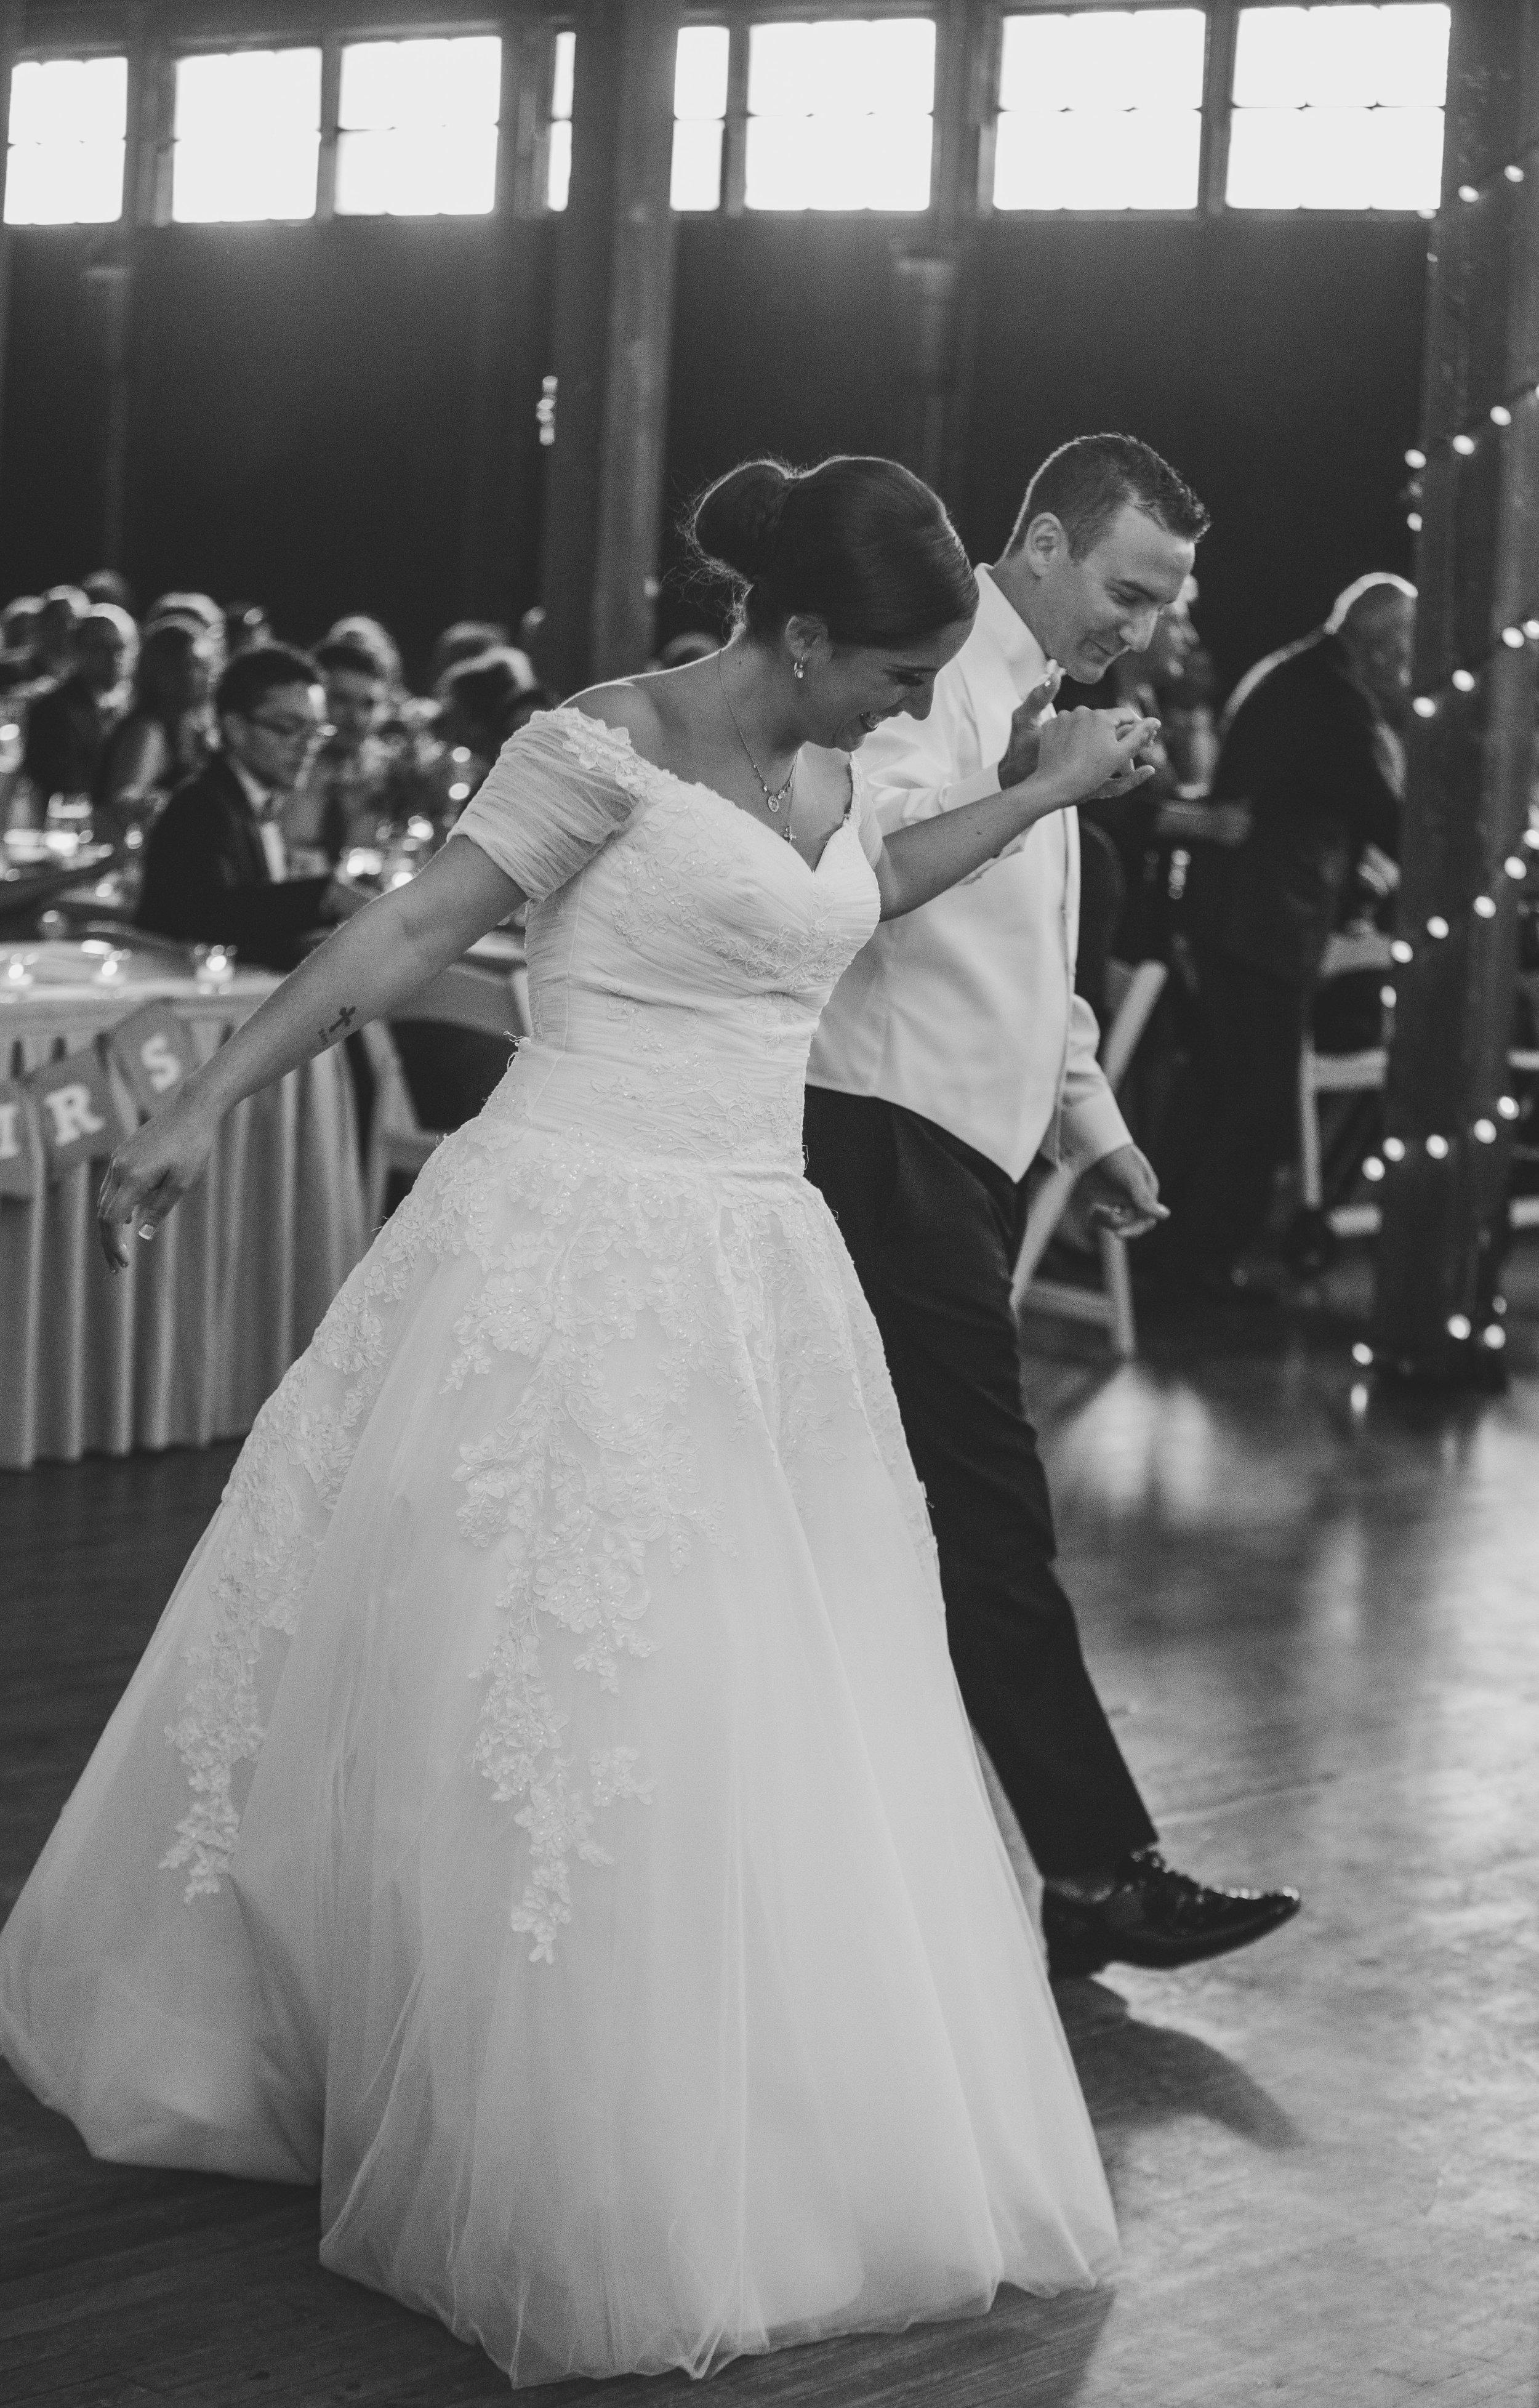 ATGI_Magali & Josh Wedding1__202.jpg